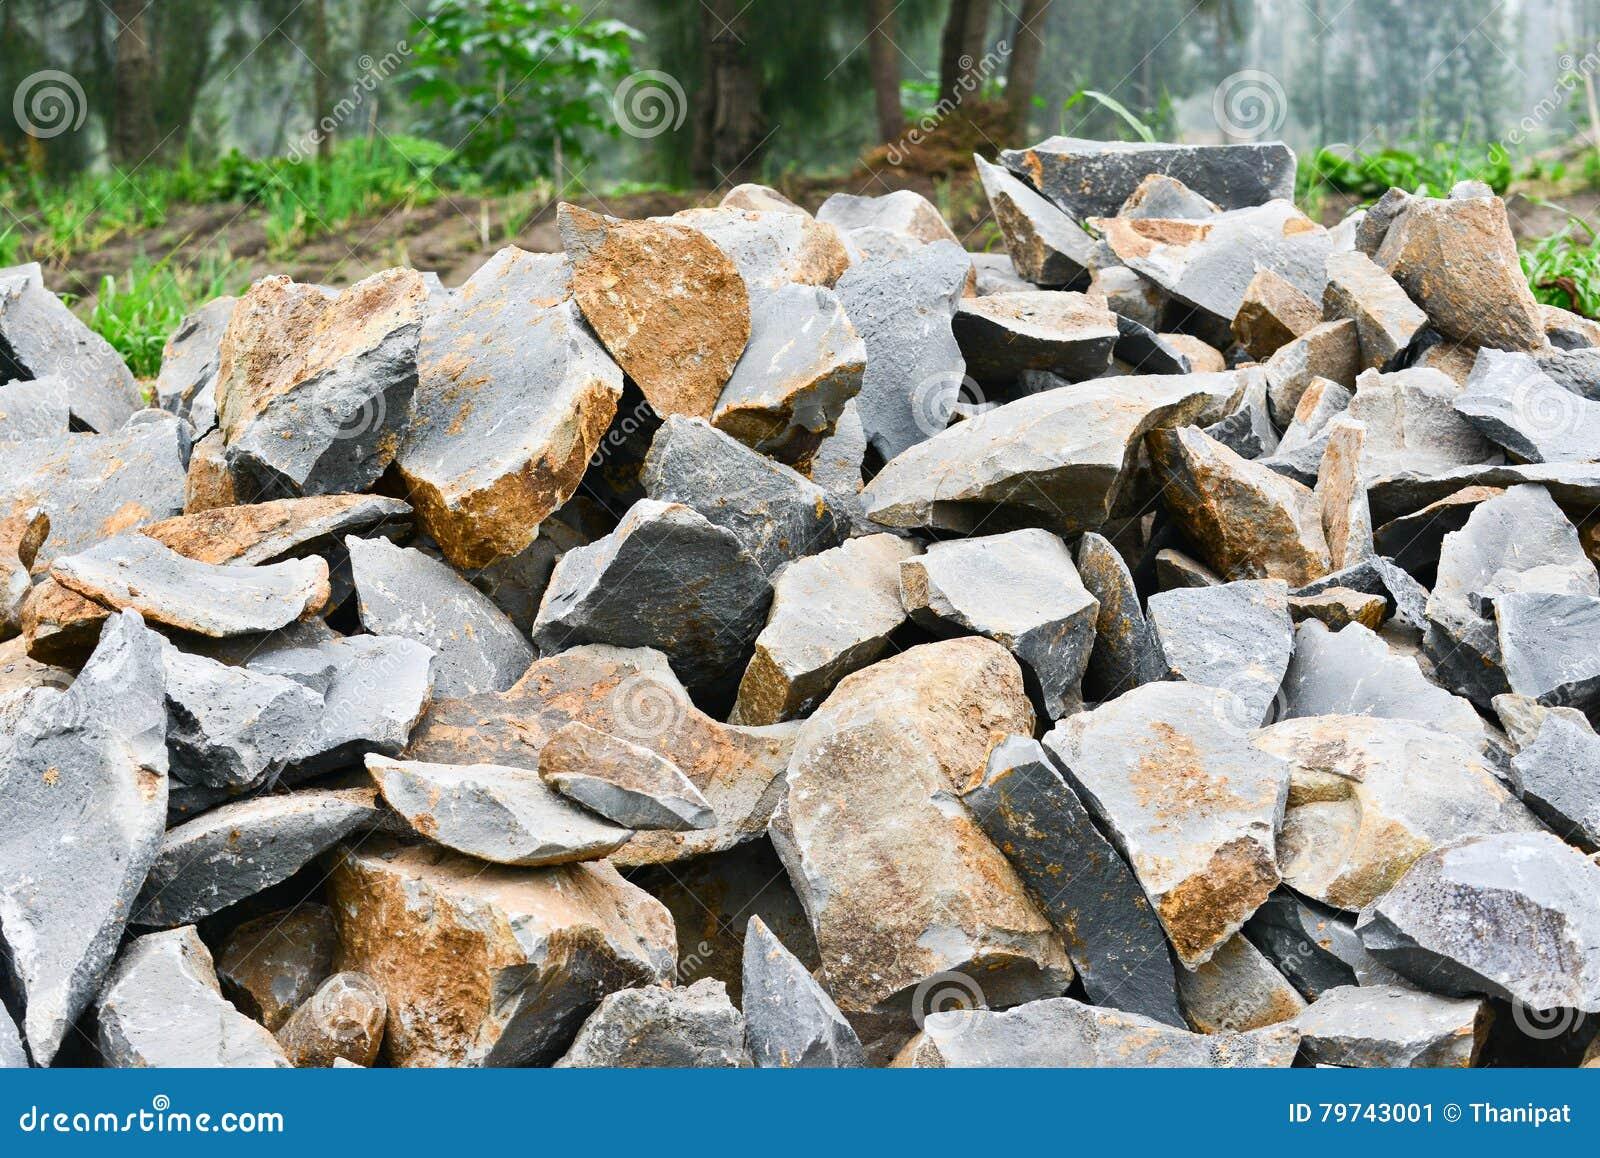 La piedra se está preparando para la construcción en el borde de la carretera